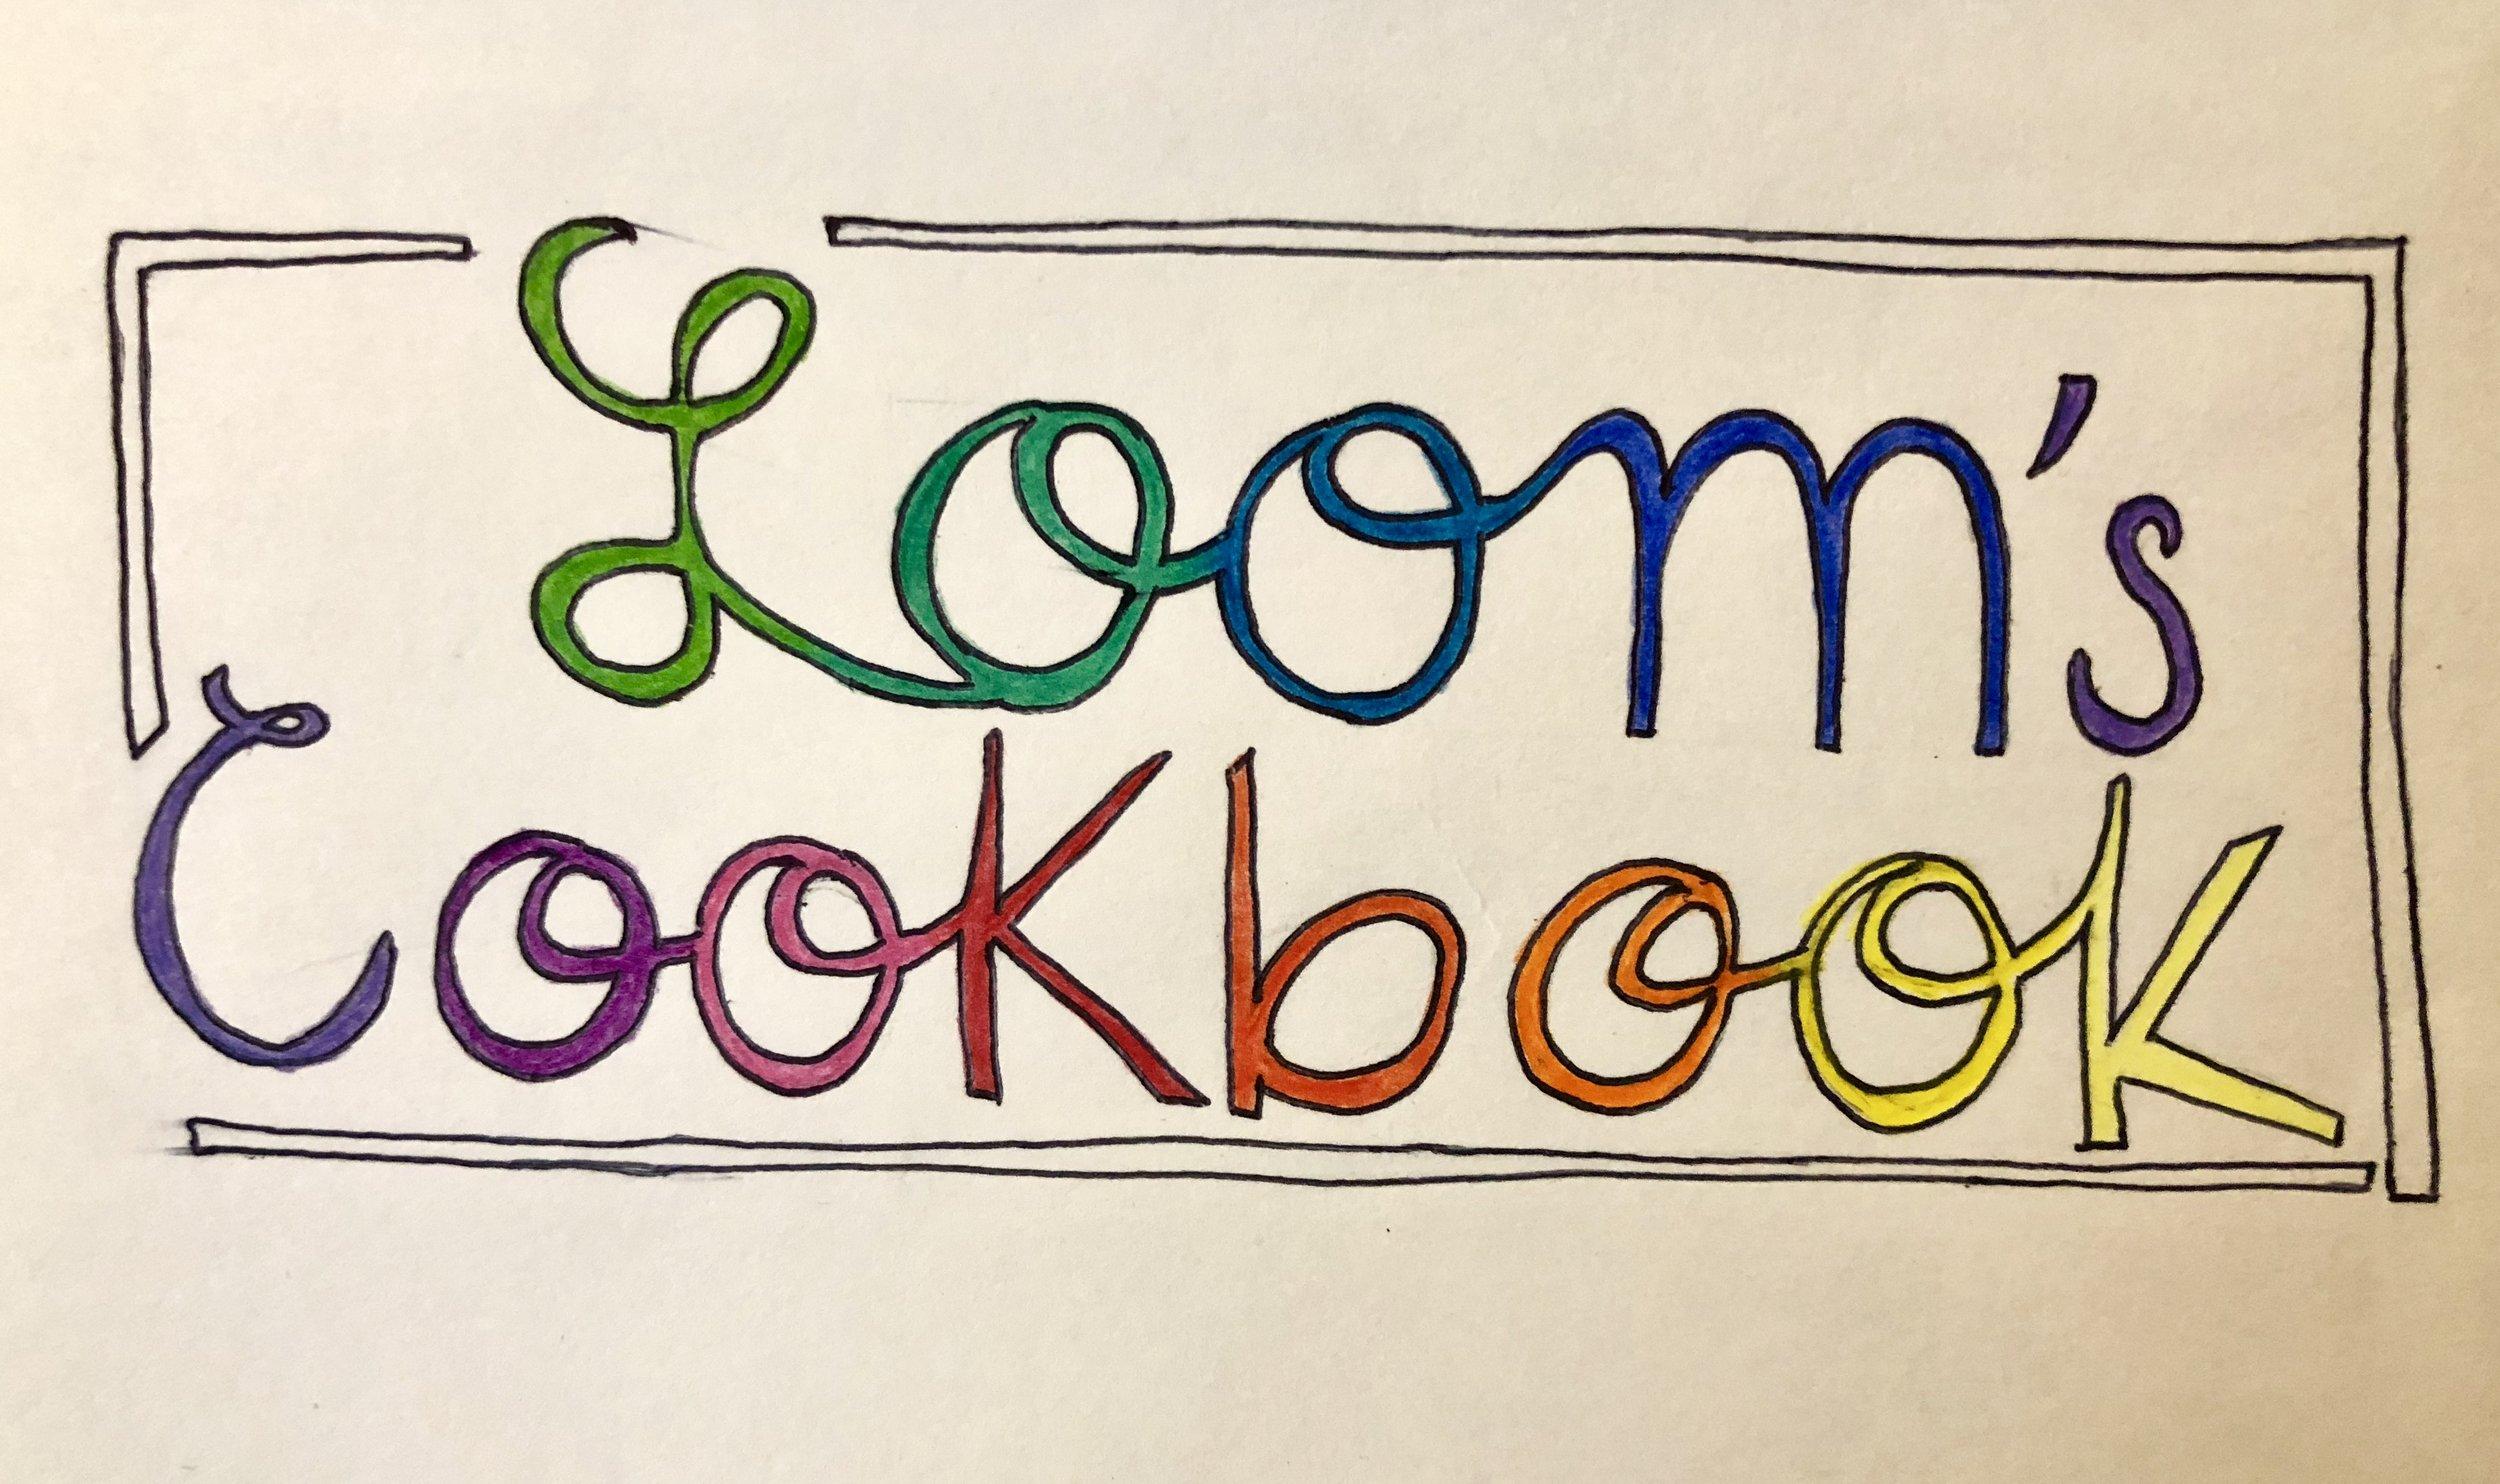 cookbook logo color.jpg